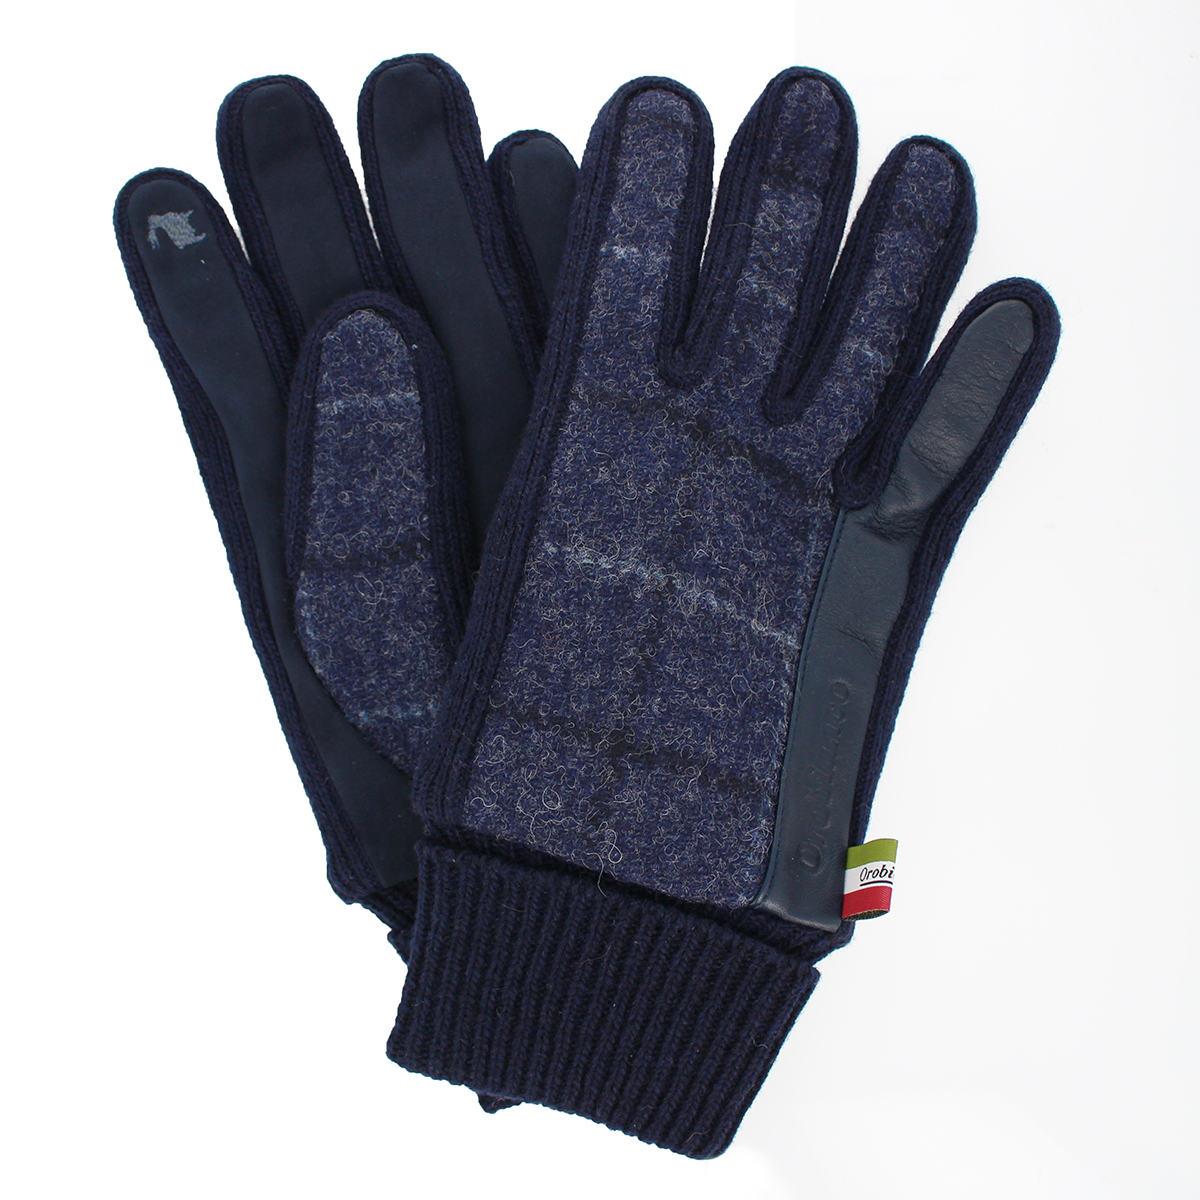 メンズ手袋 スマホ対応 オロビアンコ 羊革 ウール レザー プレゼント 通勤 ペア 防寒 おしゃれ ビジネス小物 ファッション雑貨